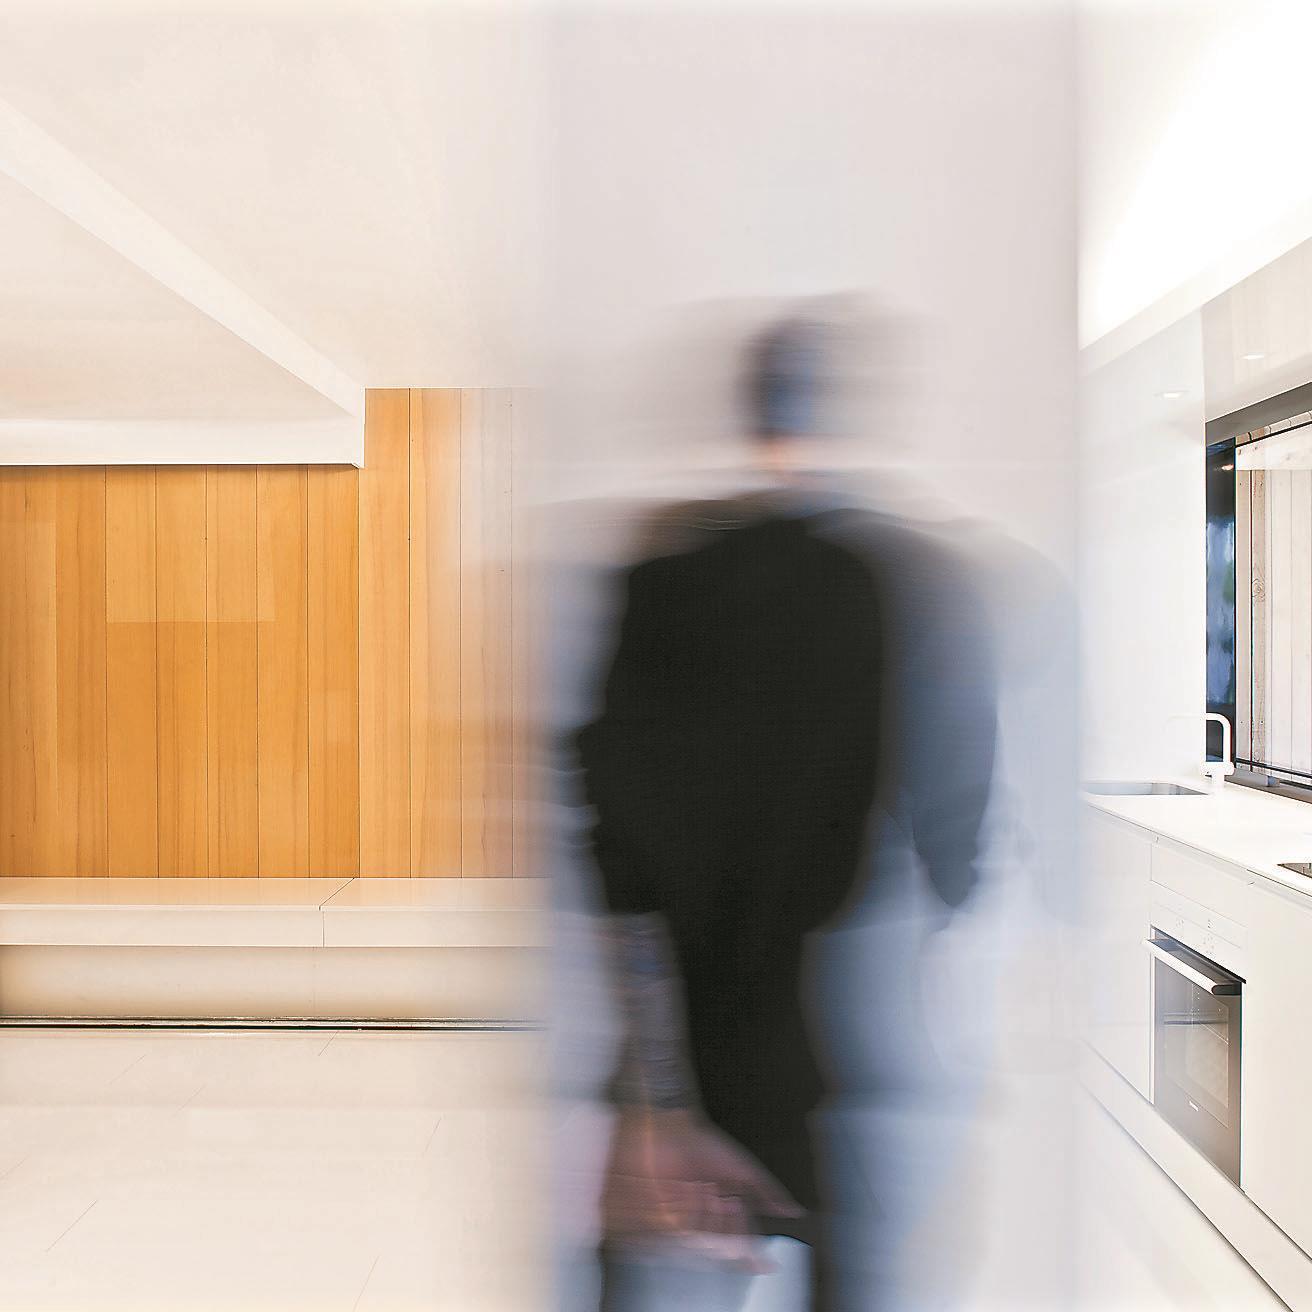 Kurbeln ist angesagt und in Sekundenschnelle entsteht der Raum dort, wo er gebraucht wird.